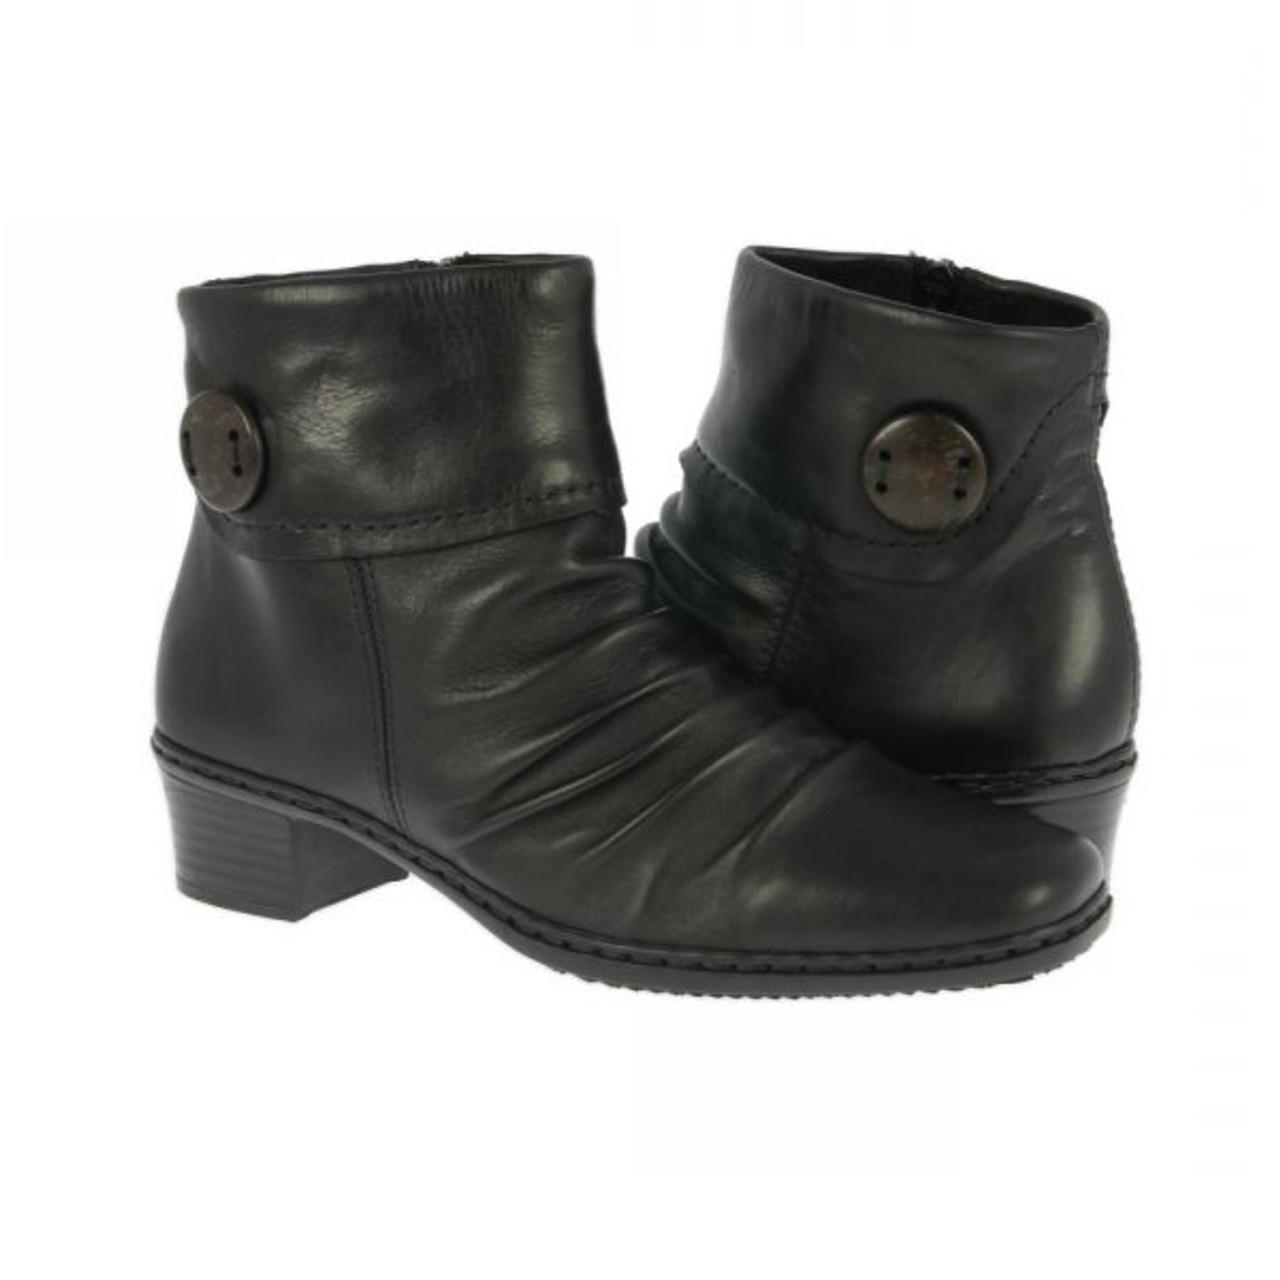 Rieker Kendra 63 Black Ladies Ankle